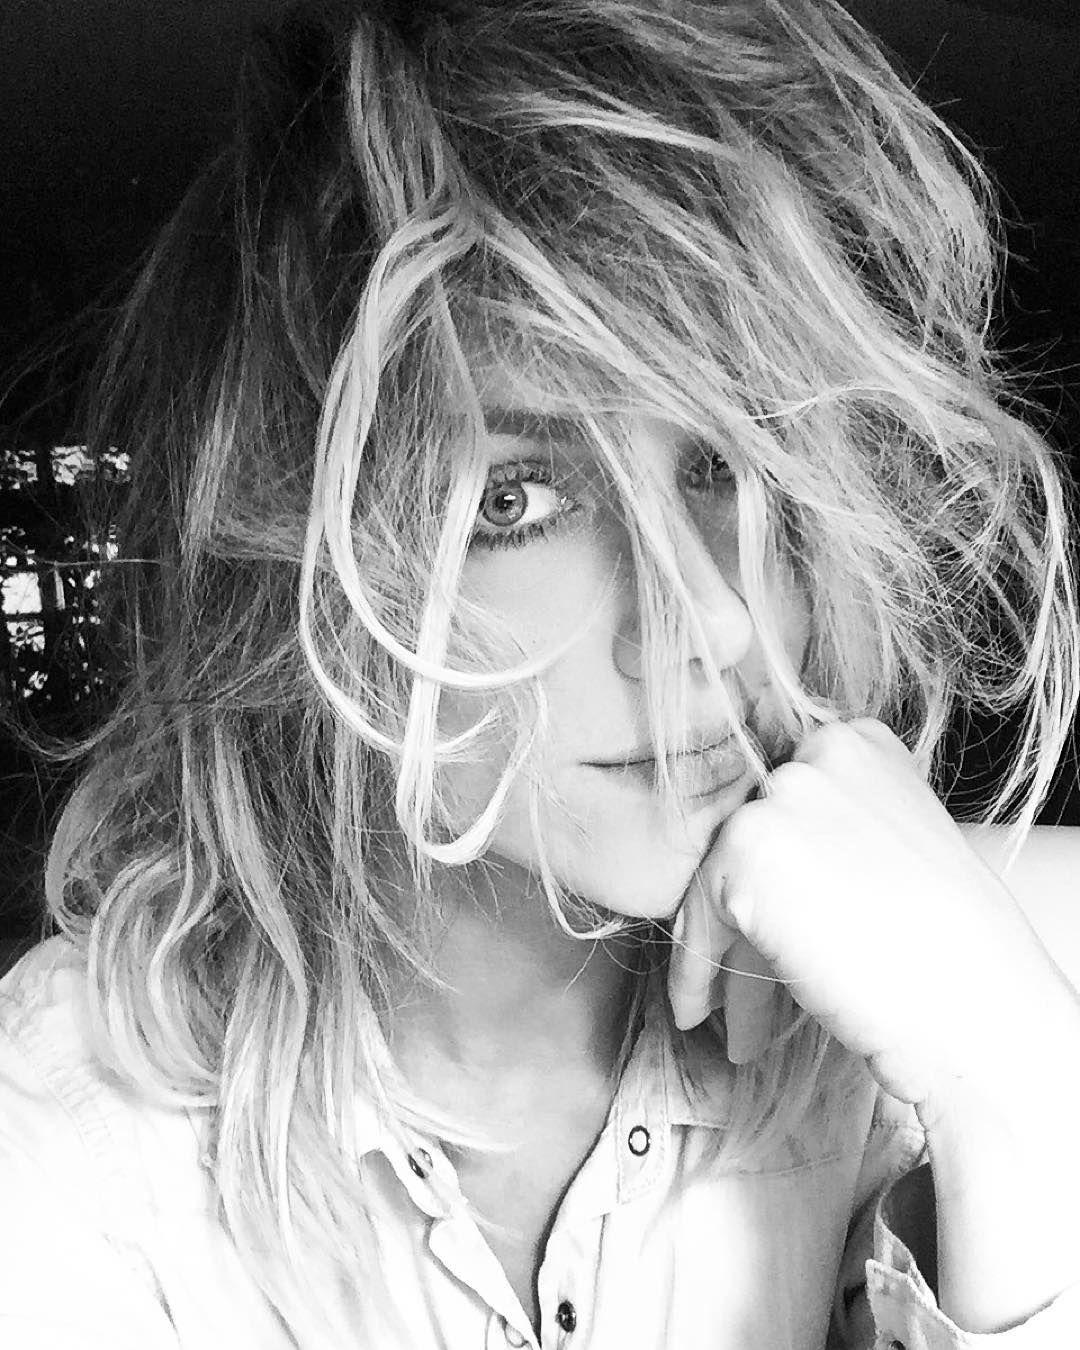 Acho que vai ser bem facil tirar esses nós que se formaram nos meus cabelos depois  que @rennersouza encheeeeu de spray kkkkkk...vou dormir assim mesmo e amanhã vejo oq faço  #boanoite #boasorte #forcanaperuca #ninhodemafagafo by gio_ewbank